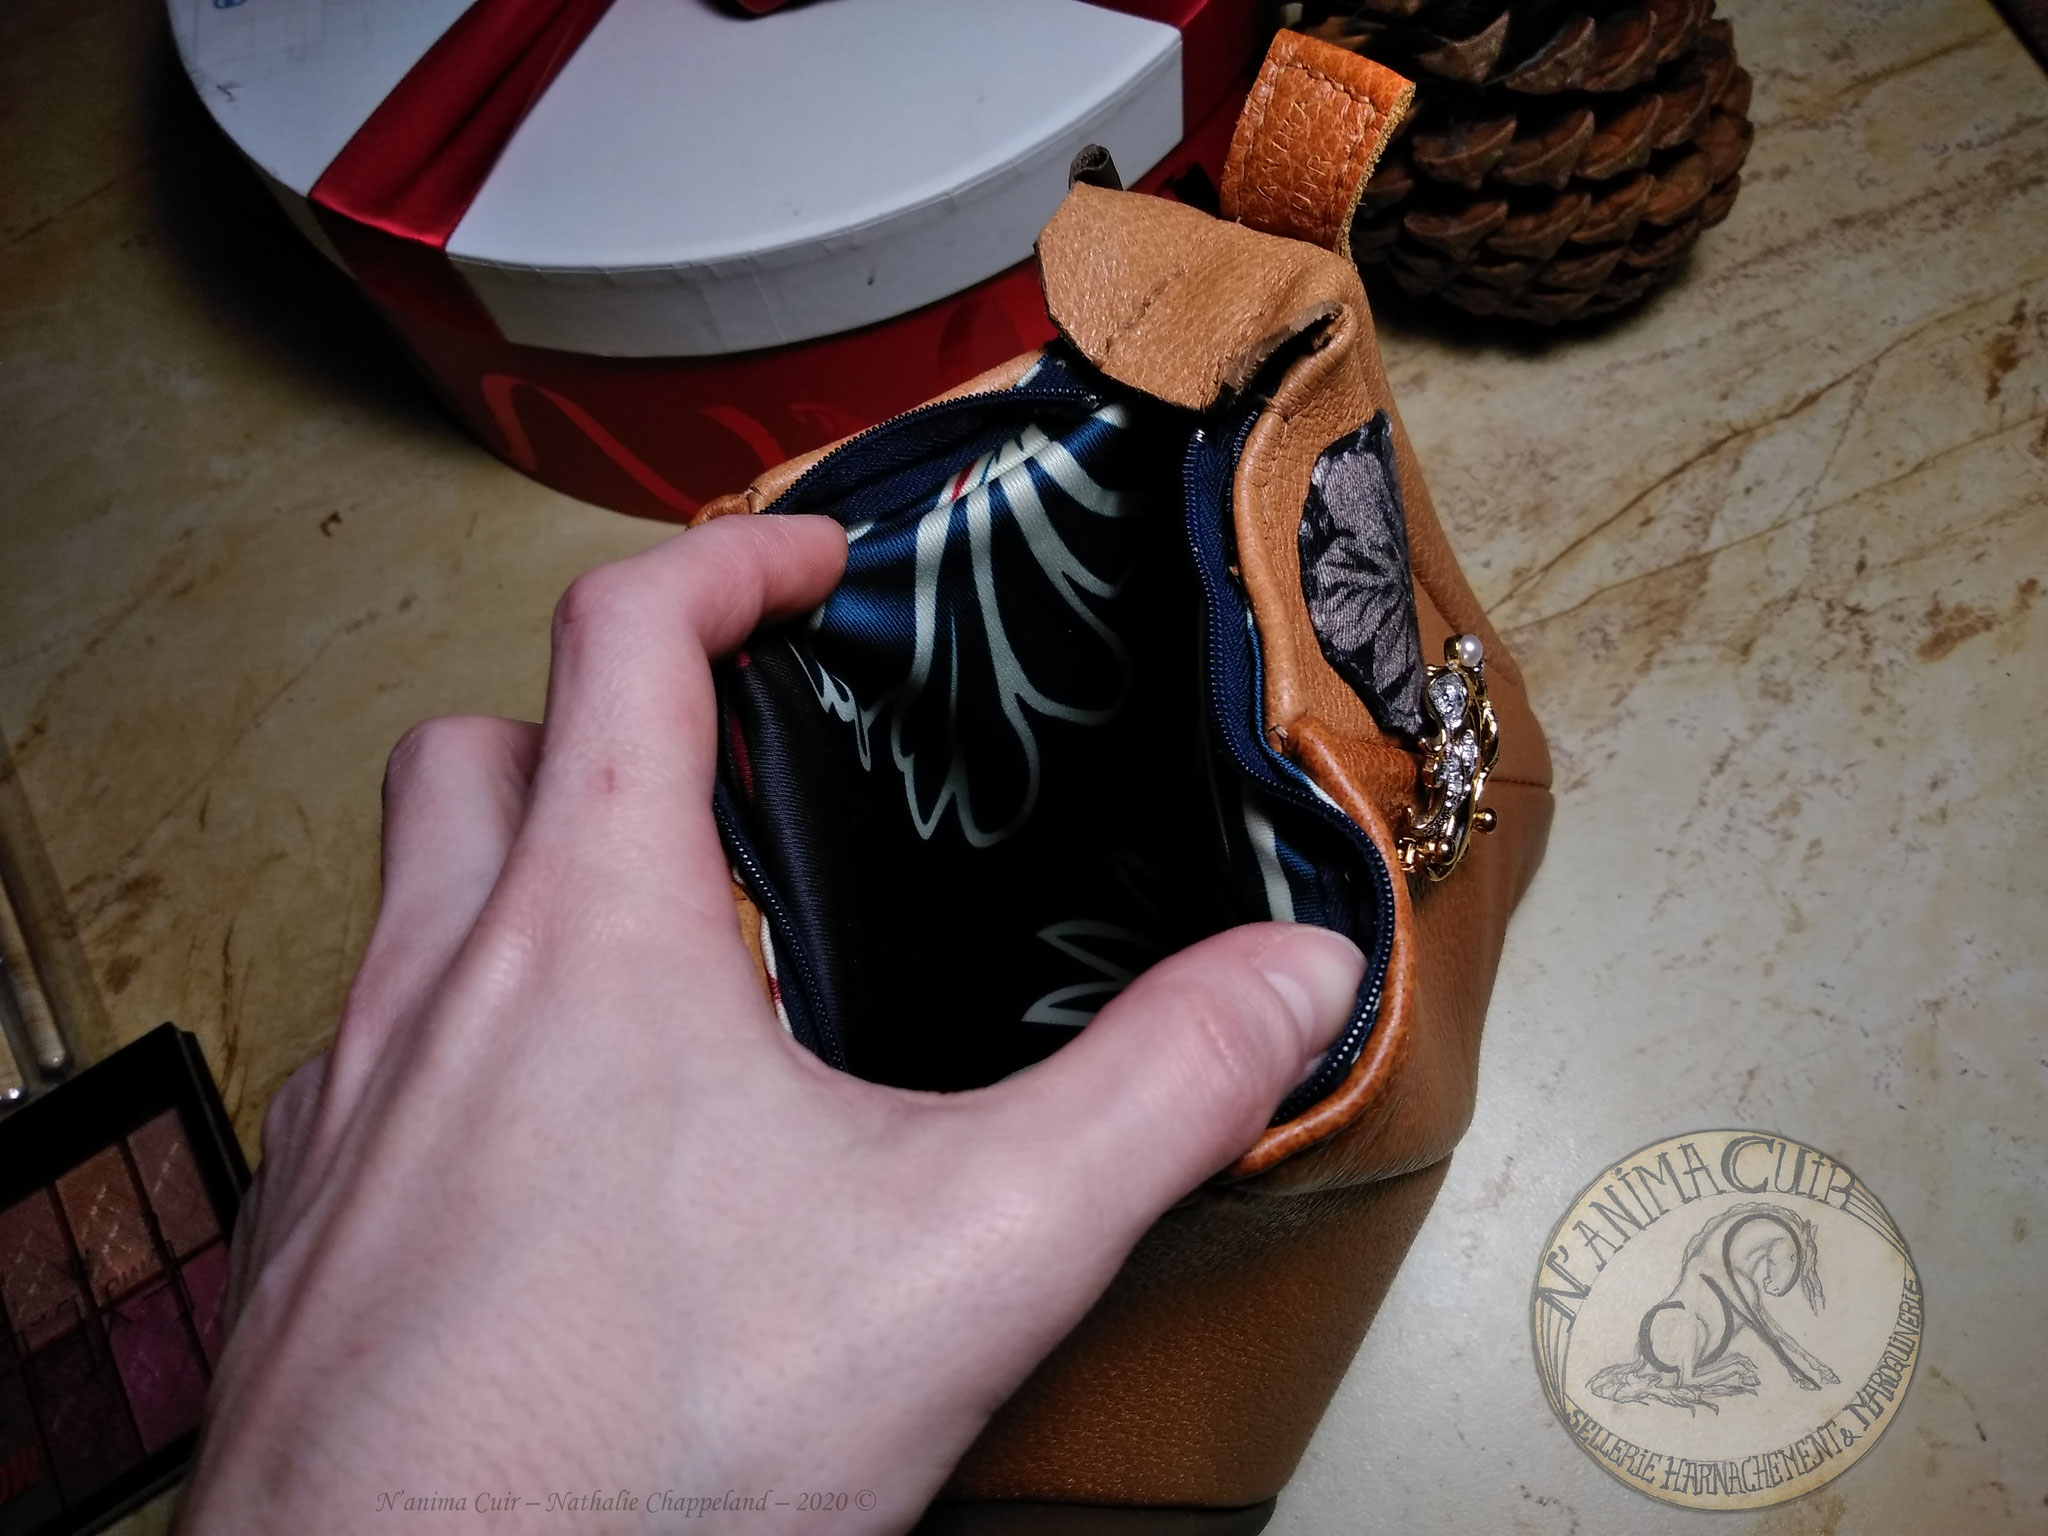 trousse de toilette mix 3 cuirs et tissu, doublure intérieur tissu et matelassure, fermeture éclair, couture main au point sellier, N'anima Cuir 2020 ©